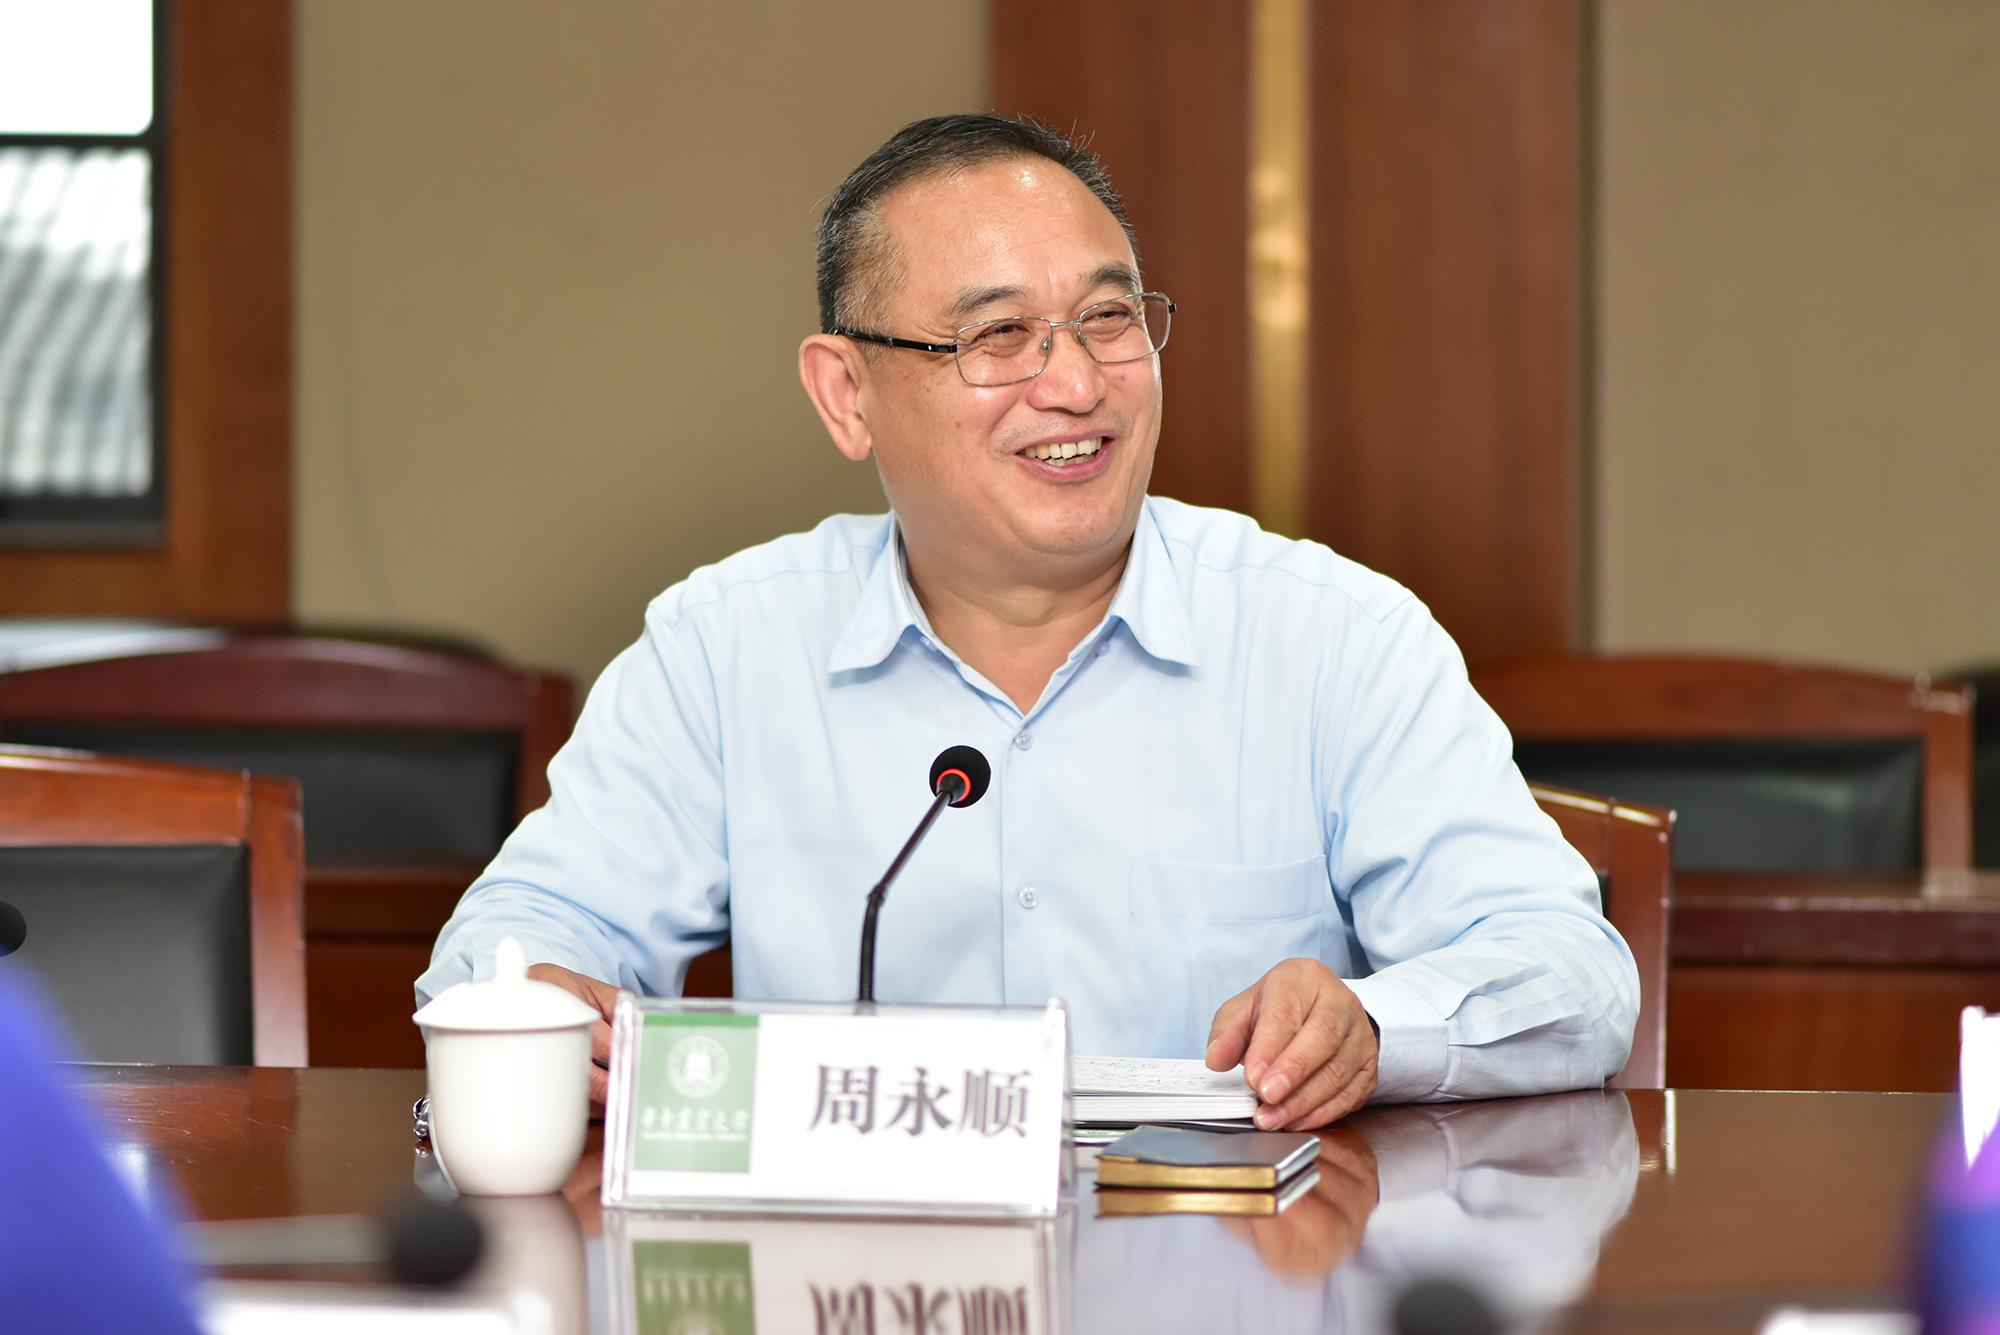 周永顺校友讲话(记者 刘涛 摄)